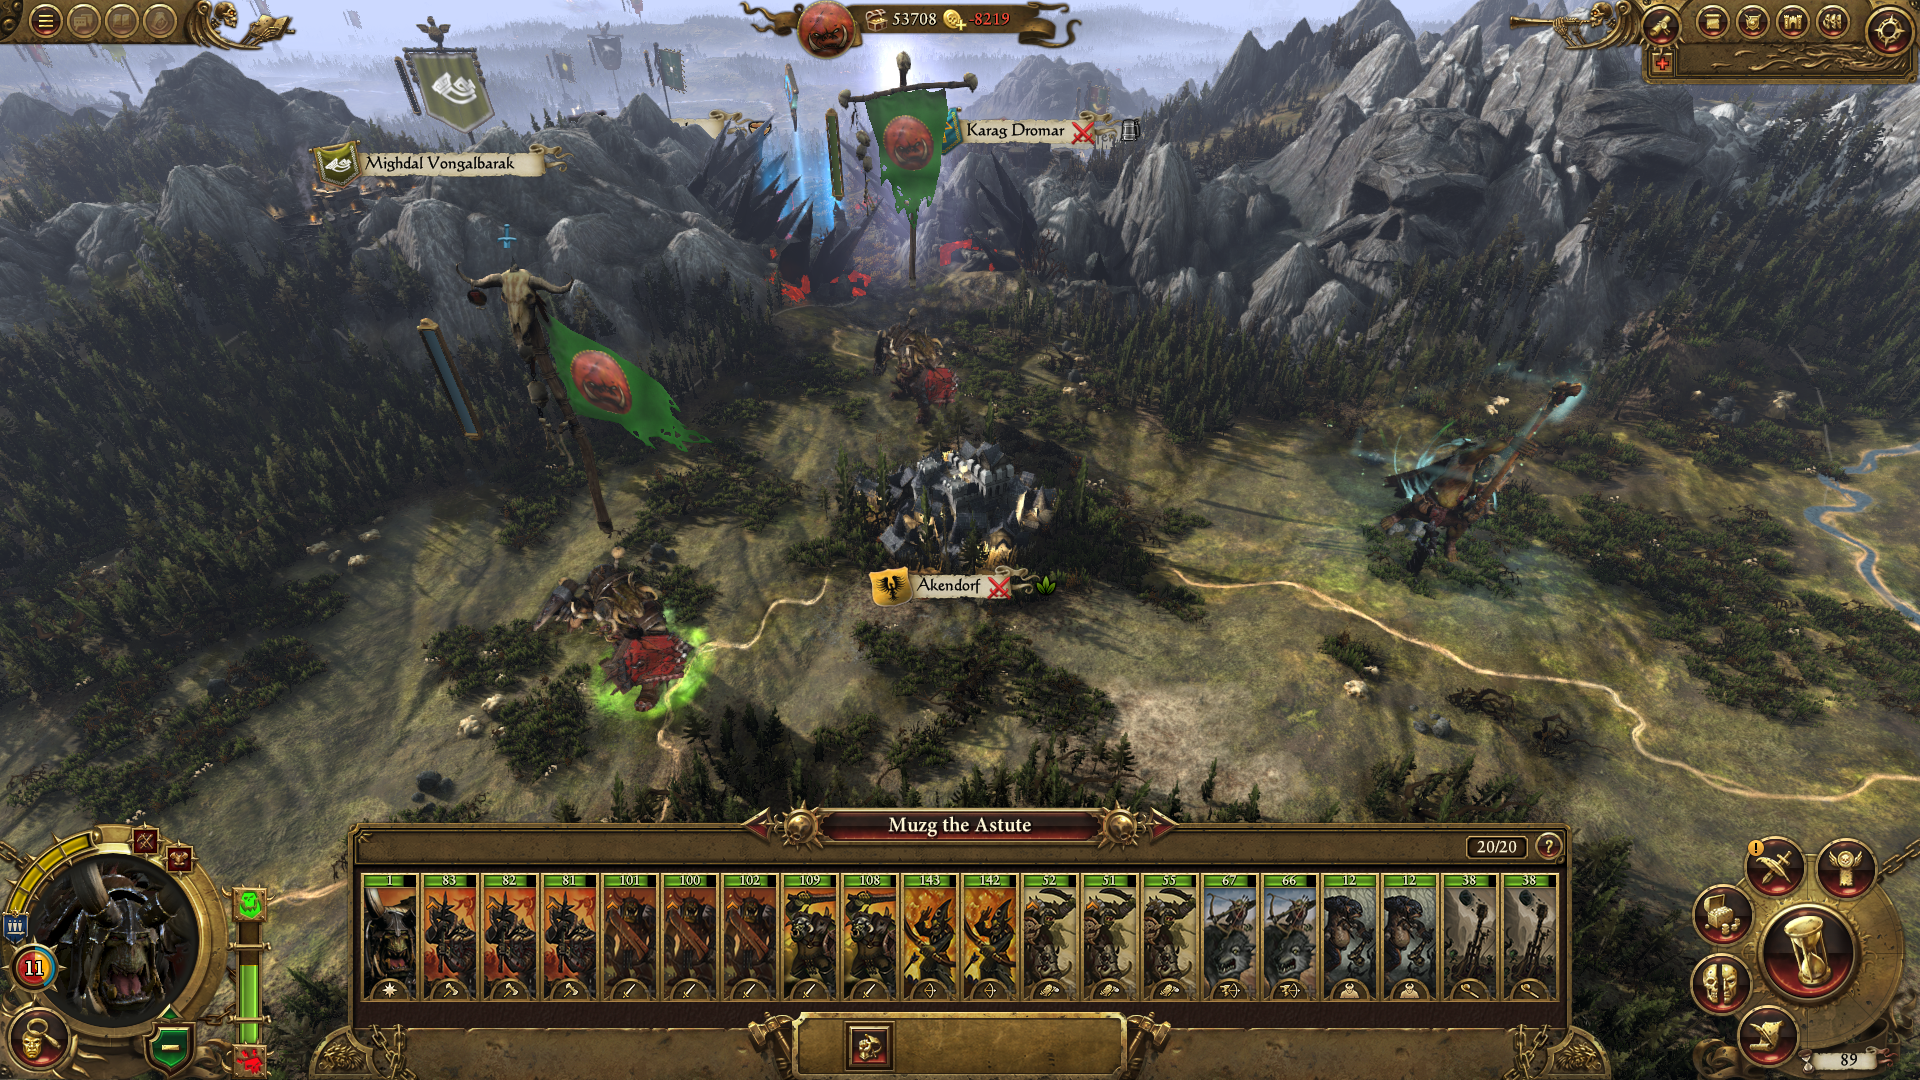 Download Total War: Warhammer Free Full Version PC Game